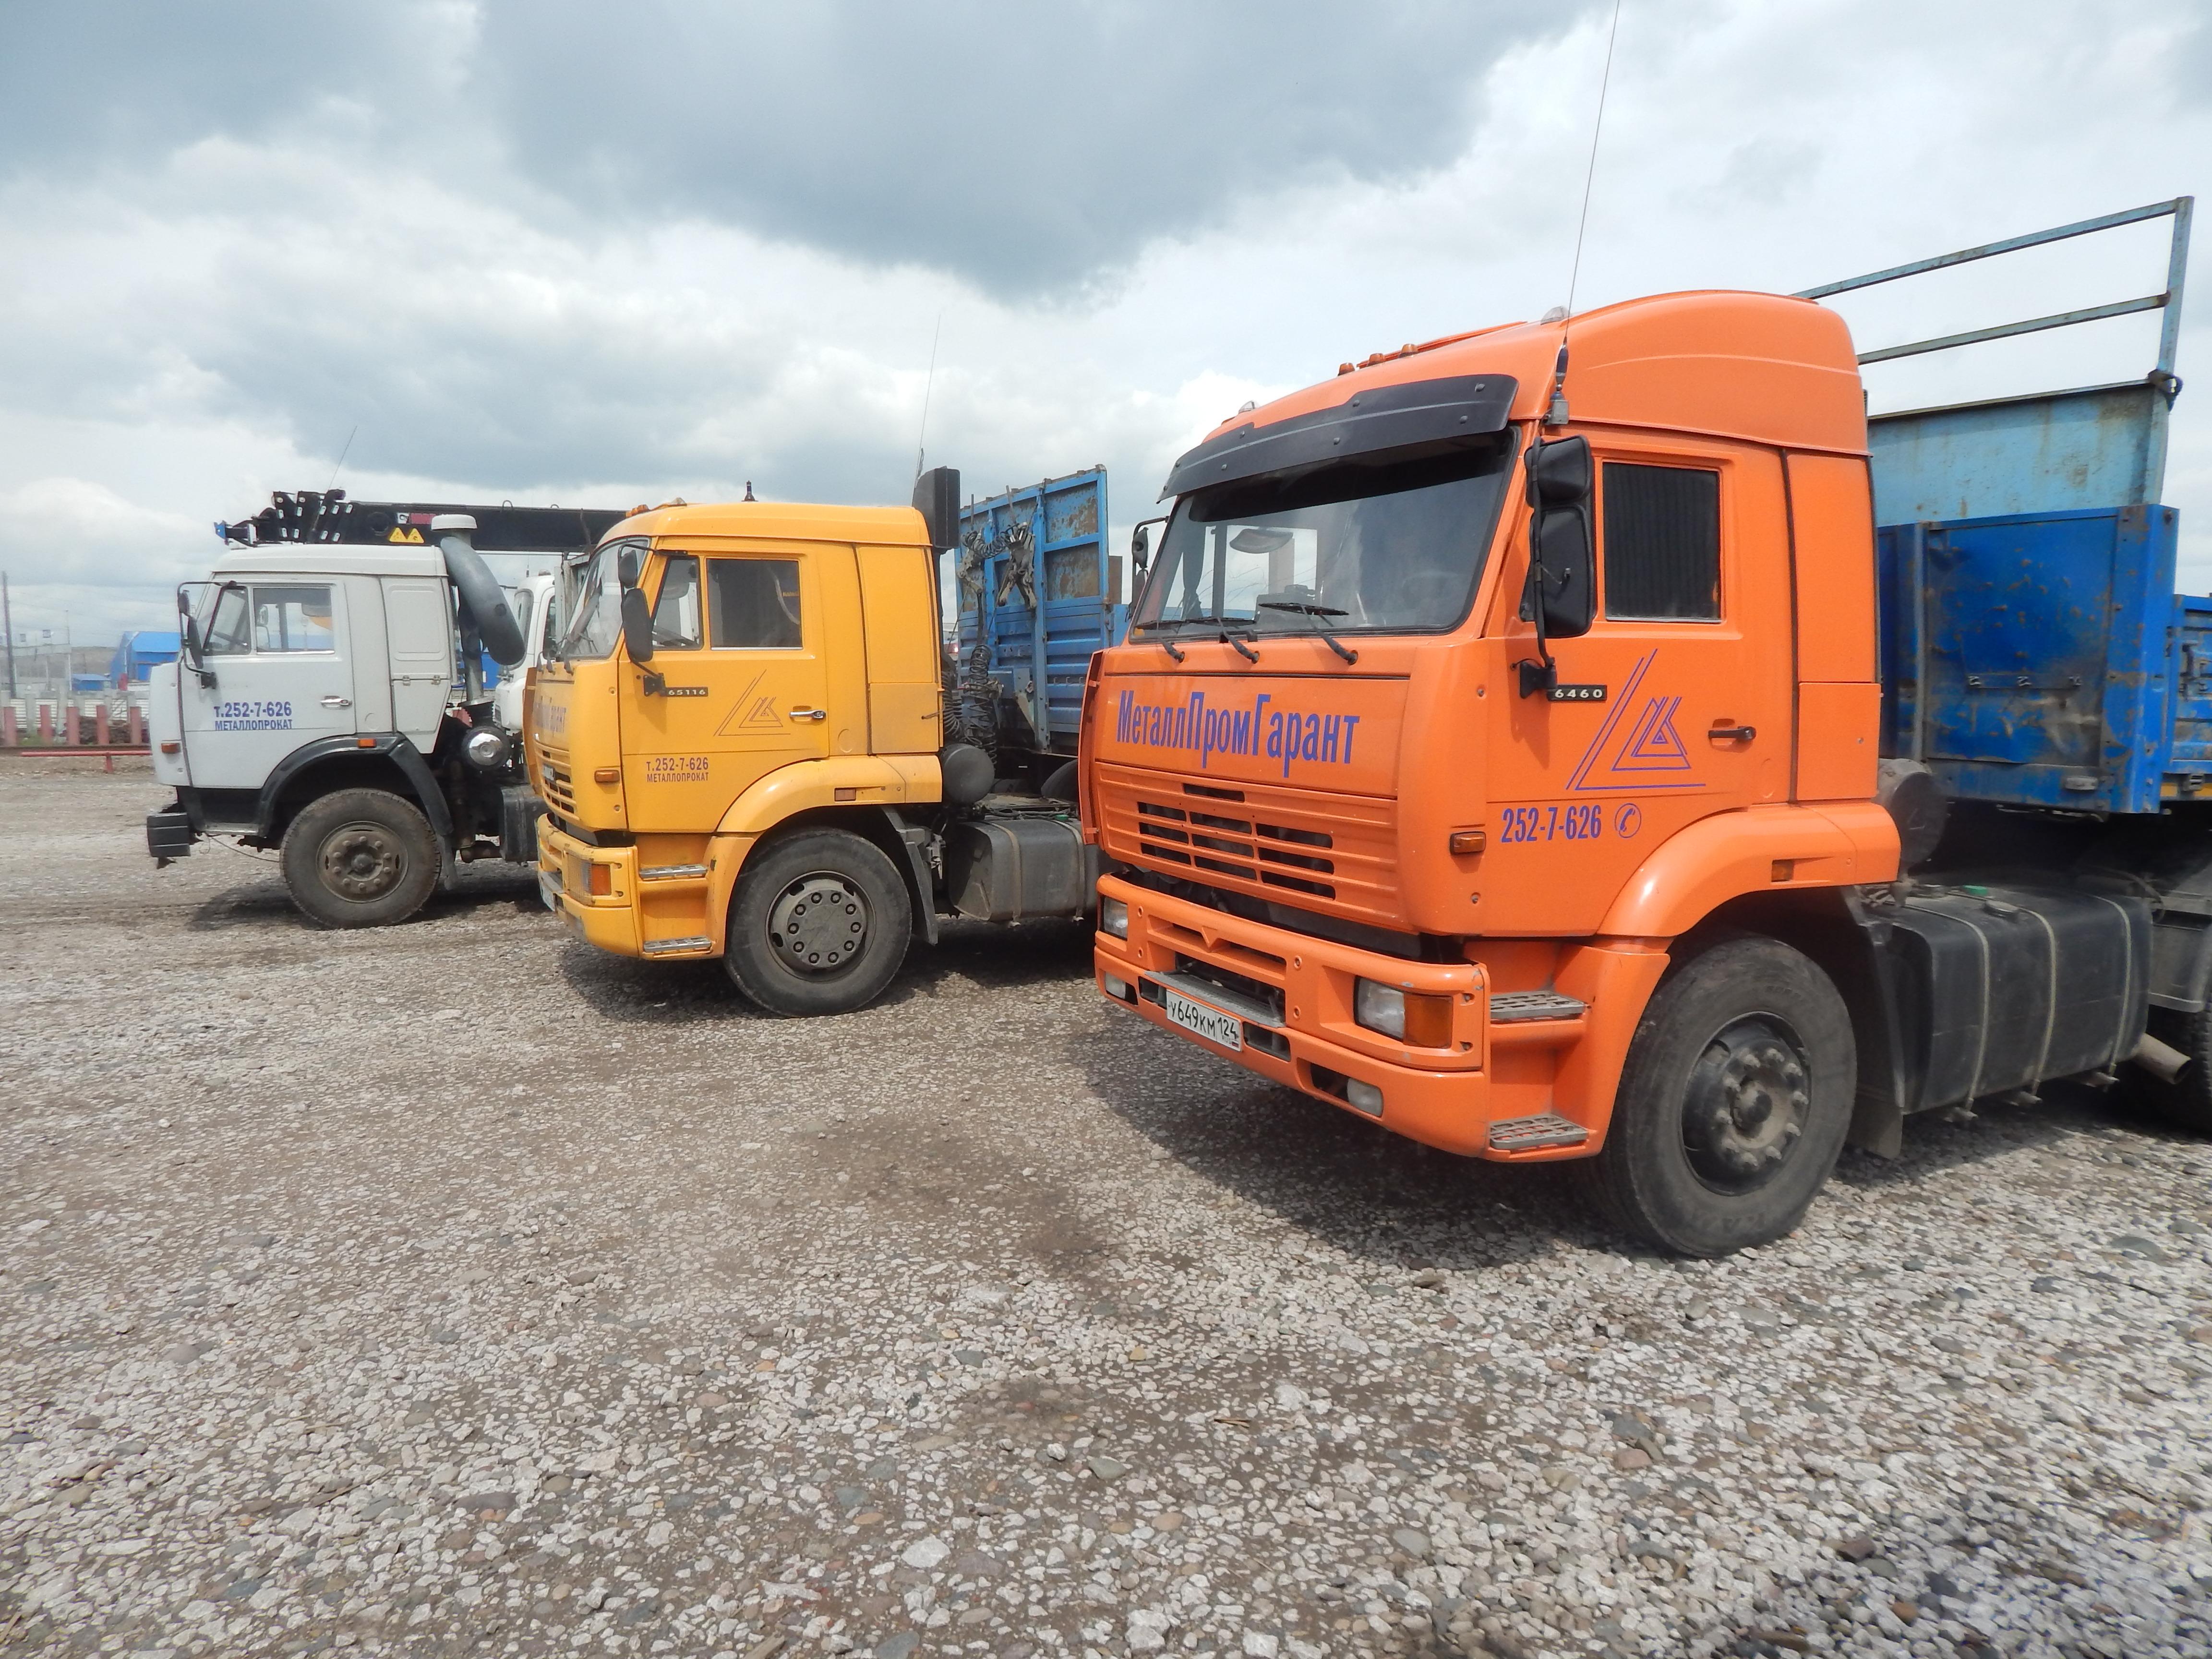 Спецтехника МеталлПромгарант - доставка металлопроката в Красноярске